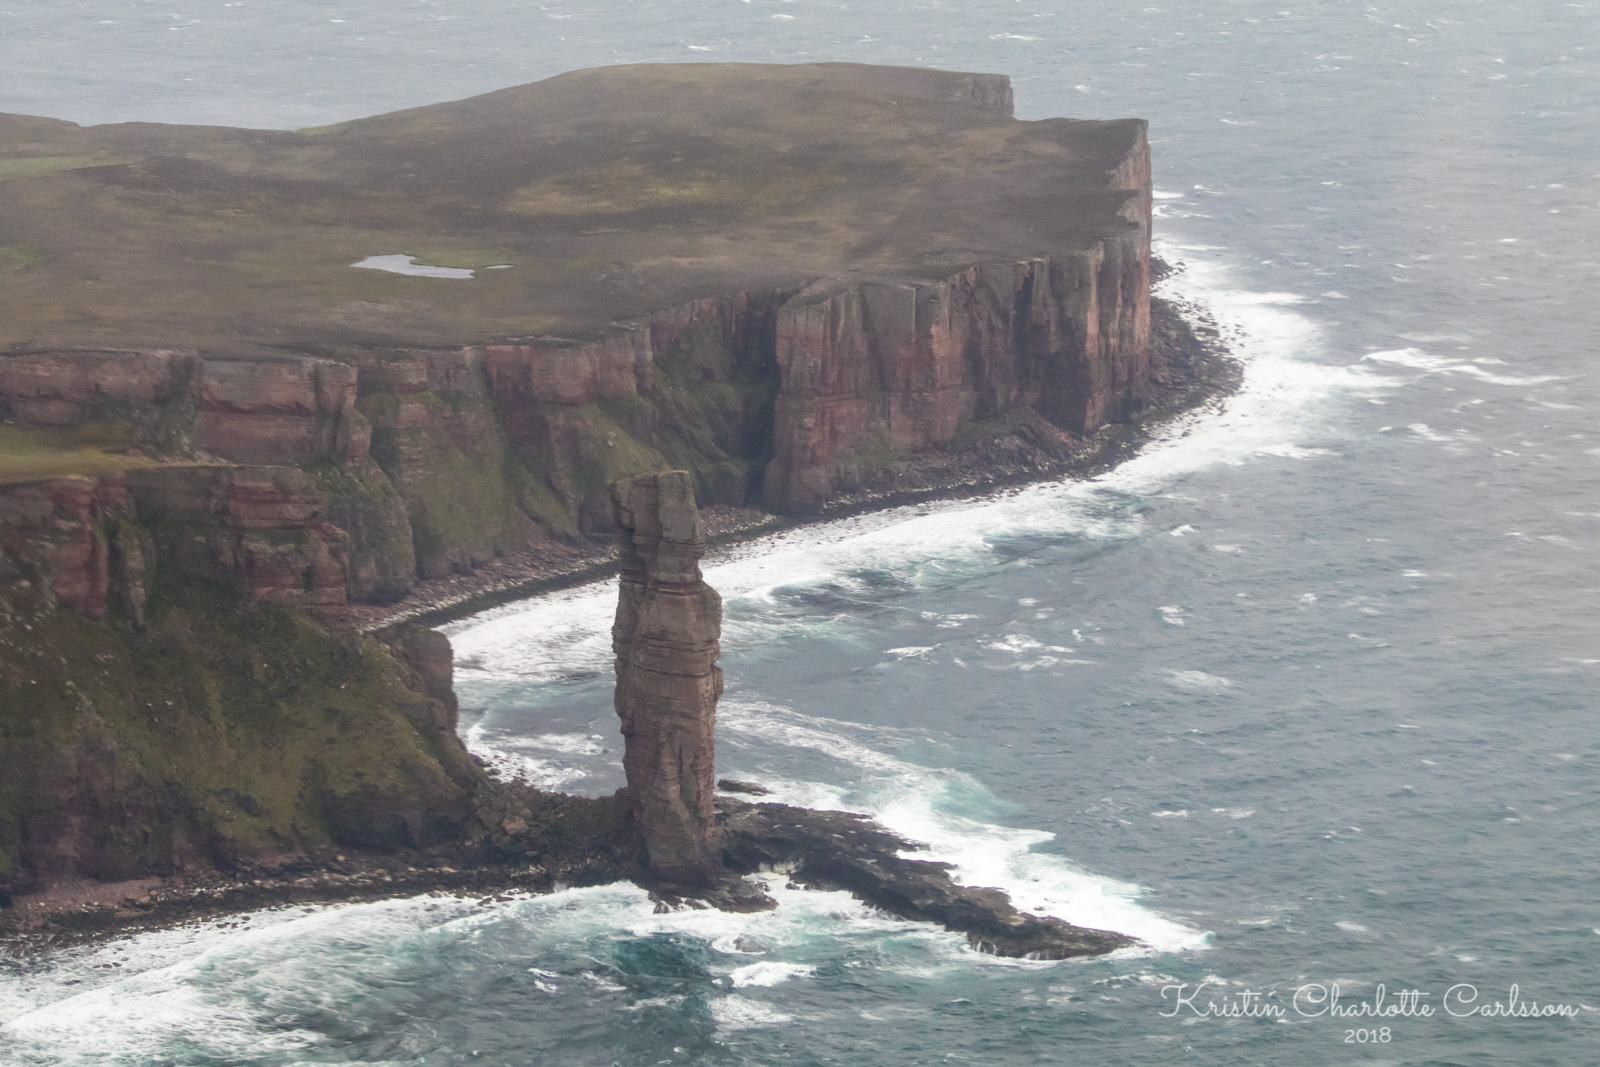 Old Man of Hoy på øya Hoy, en staur som ligner på en gammel gubbe.